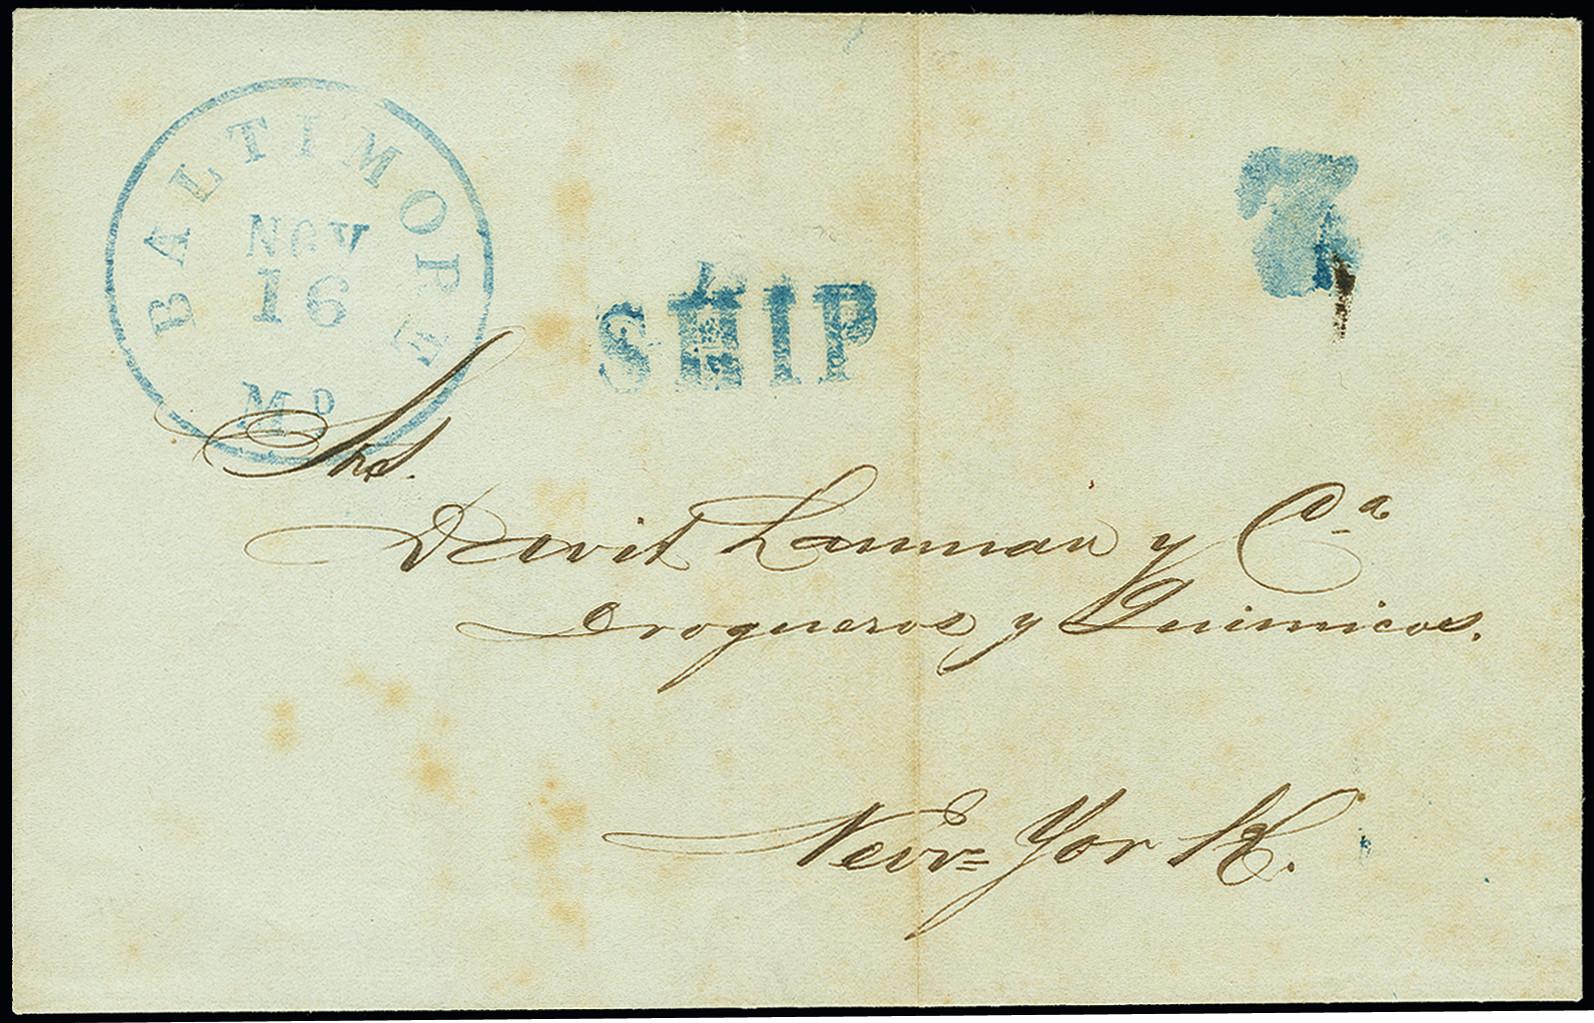 Lot 1247 - europa danish west indies -  Heinrich Koehler Auktionen 375rd Heinrich Köhler auction - Day 1